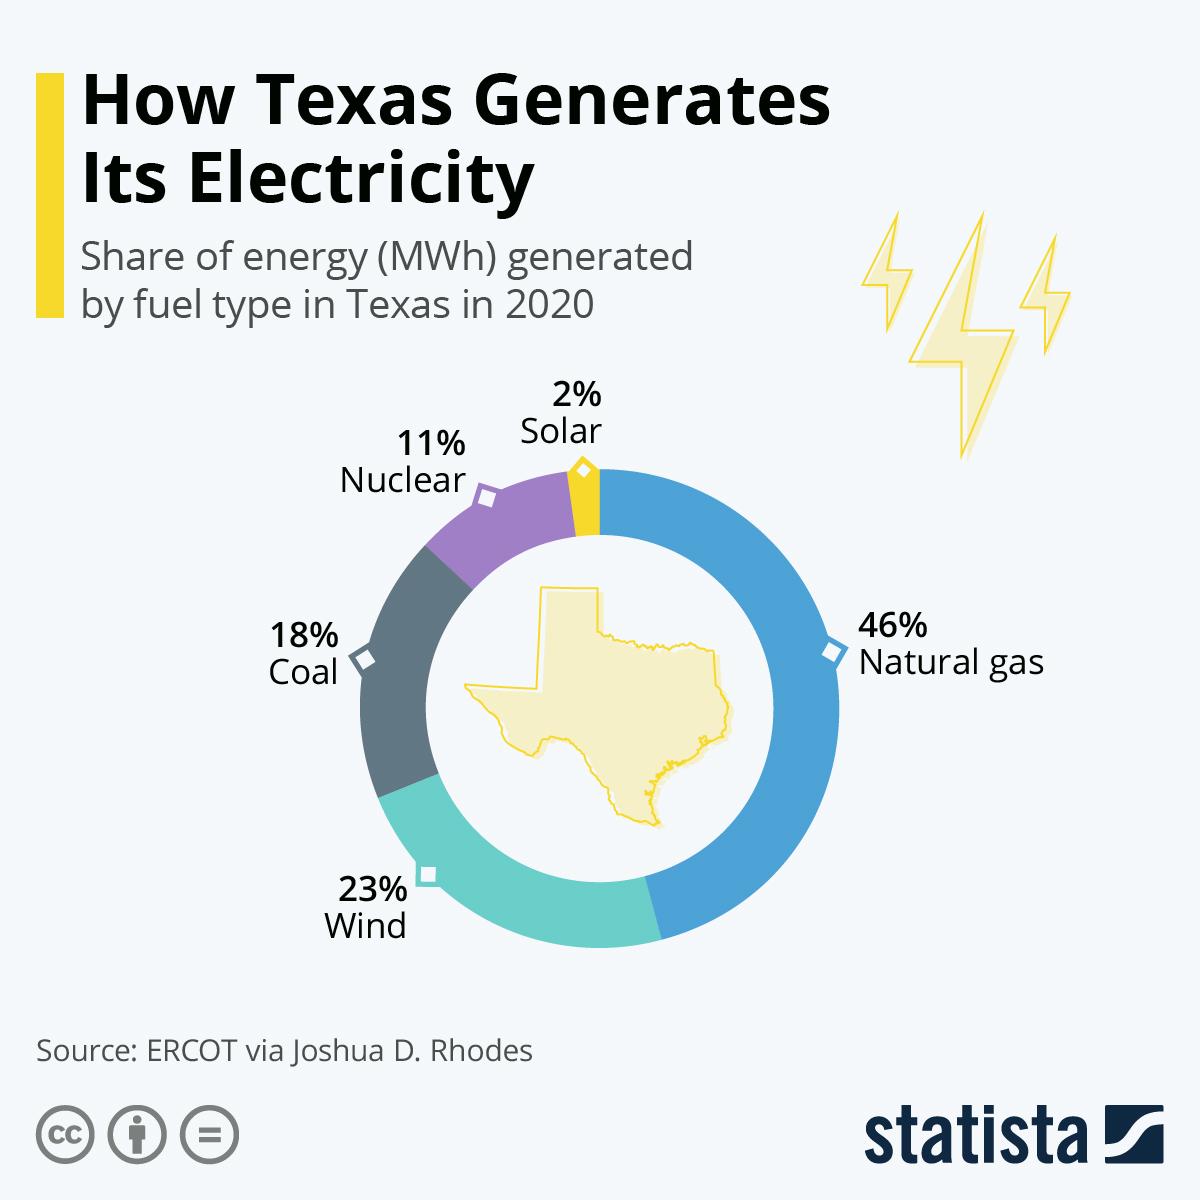 Распределение выработки электроэнергии по типам электростанций Техаса за 2020 г.